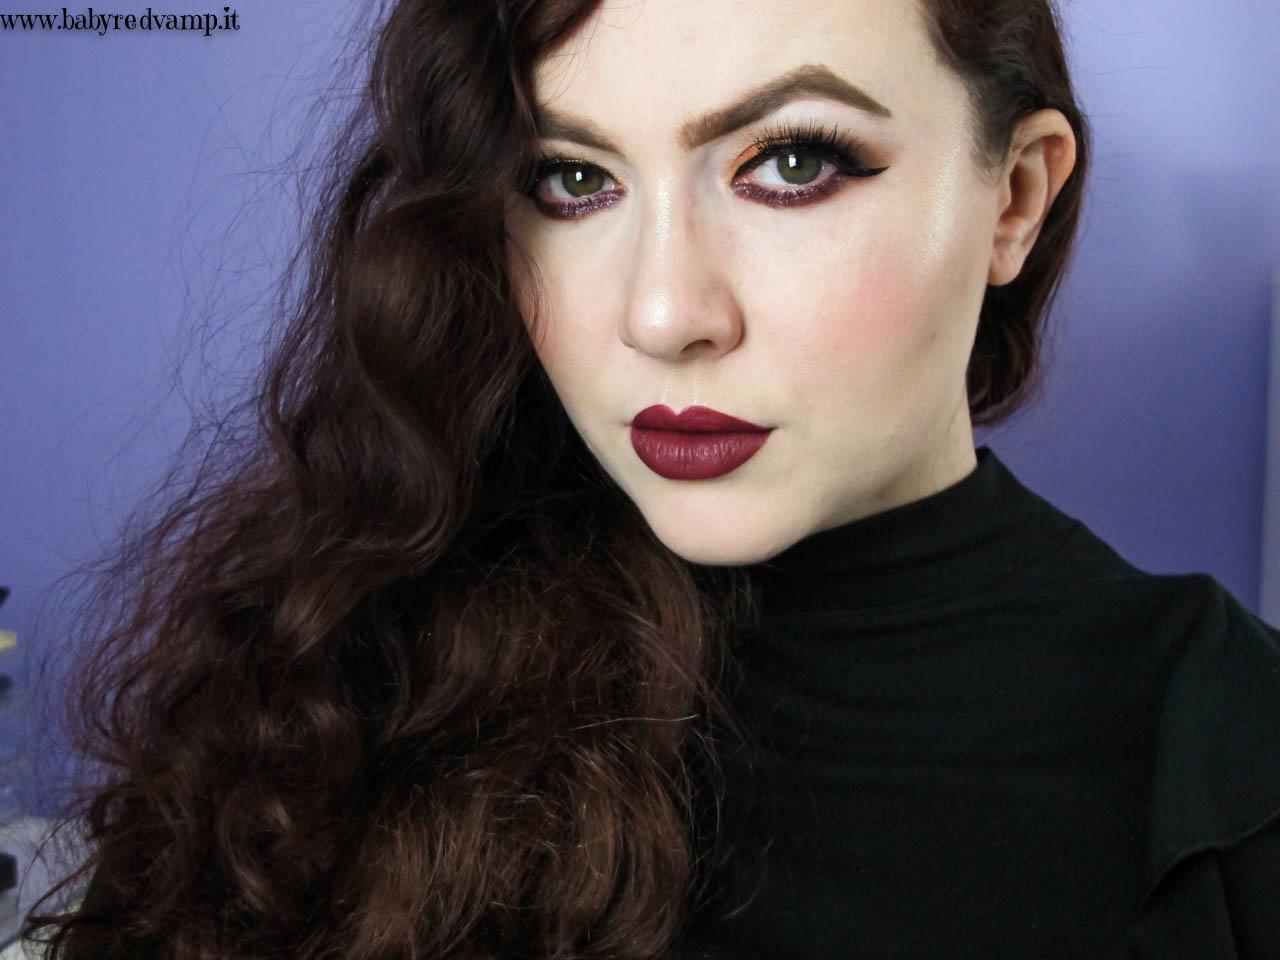 Babyredvamp Makeup  2018 17d6ac3fffec